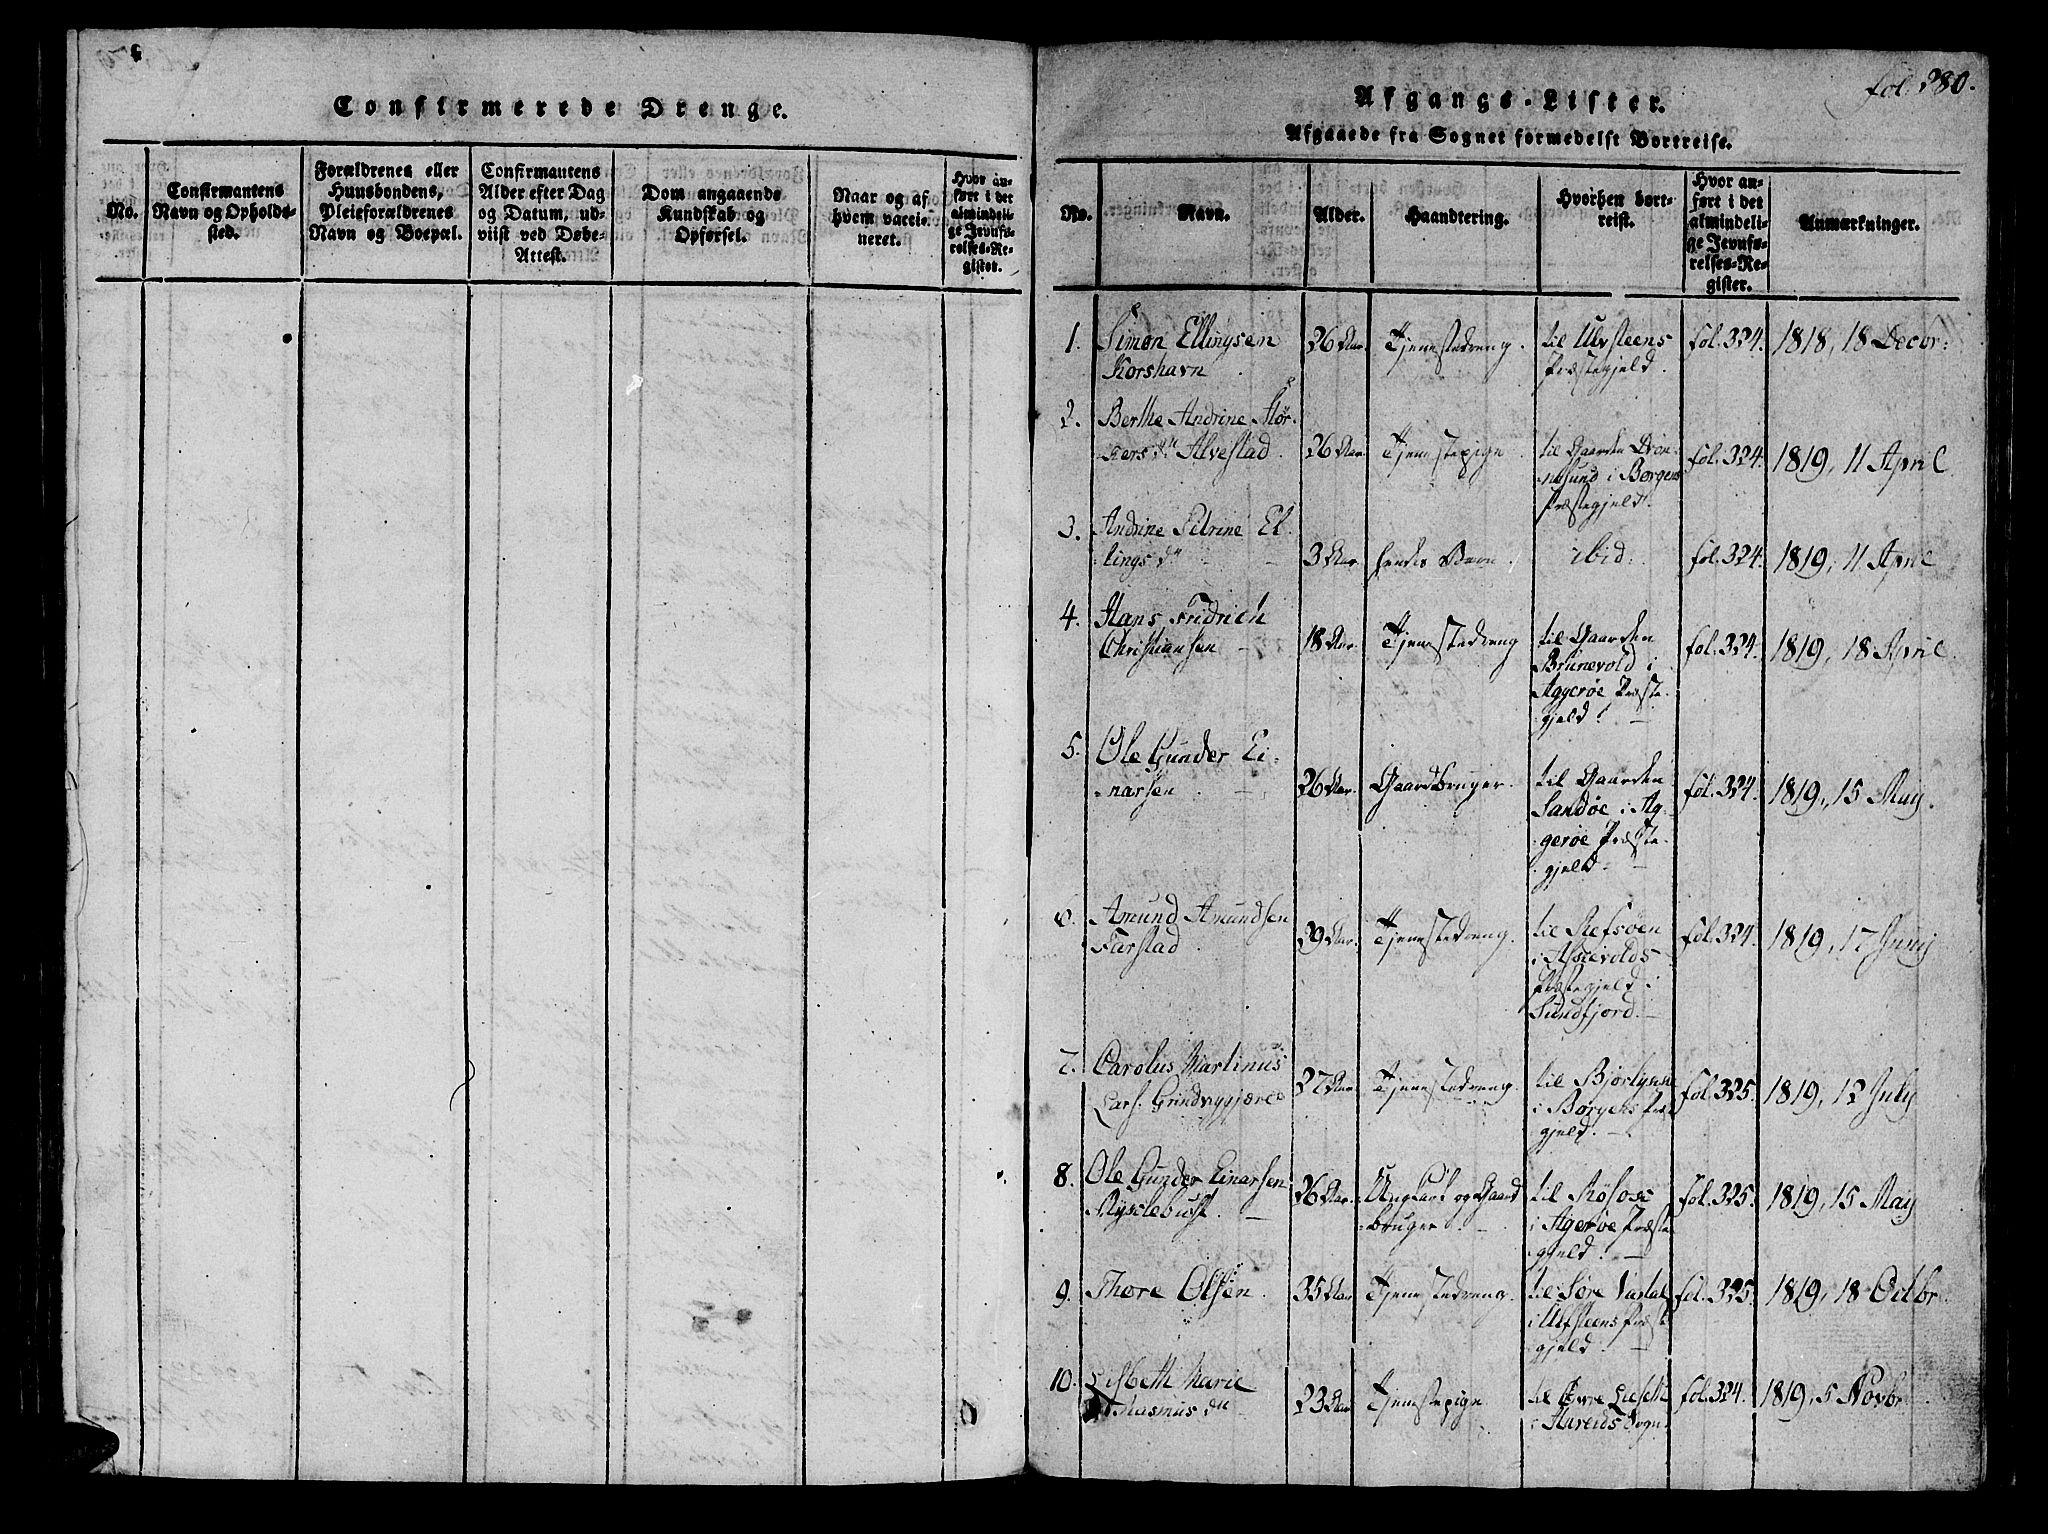 SAT, Ministerialprotokoller, klokkerbøker og fødselsregistre - Møre og Romsdal, 536/L0495: Ministerialbok nr. 536A04, 1818-1847, s. 280